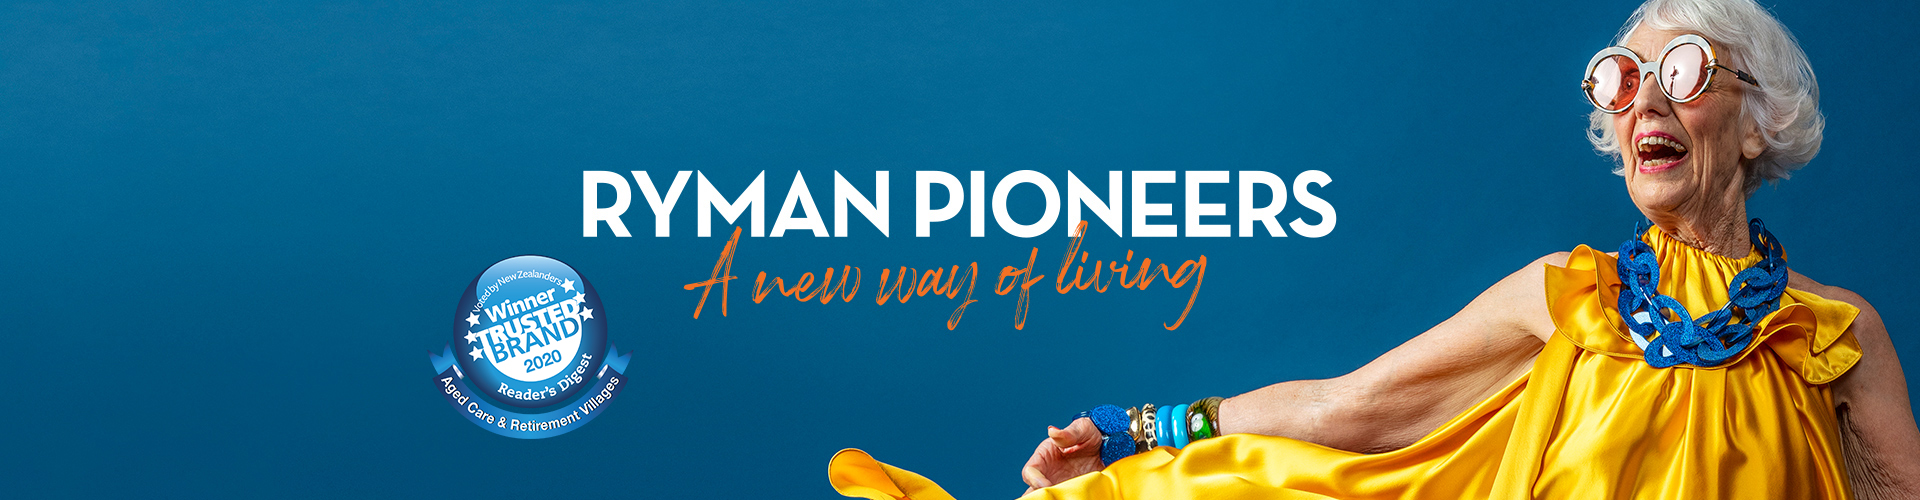 Ryman-pioneers-homepage-1920x500v3-1